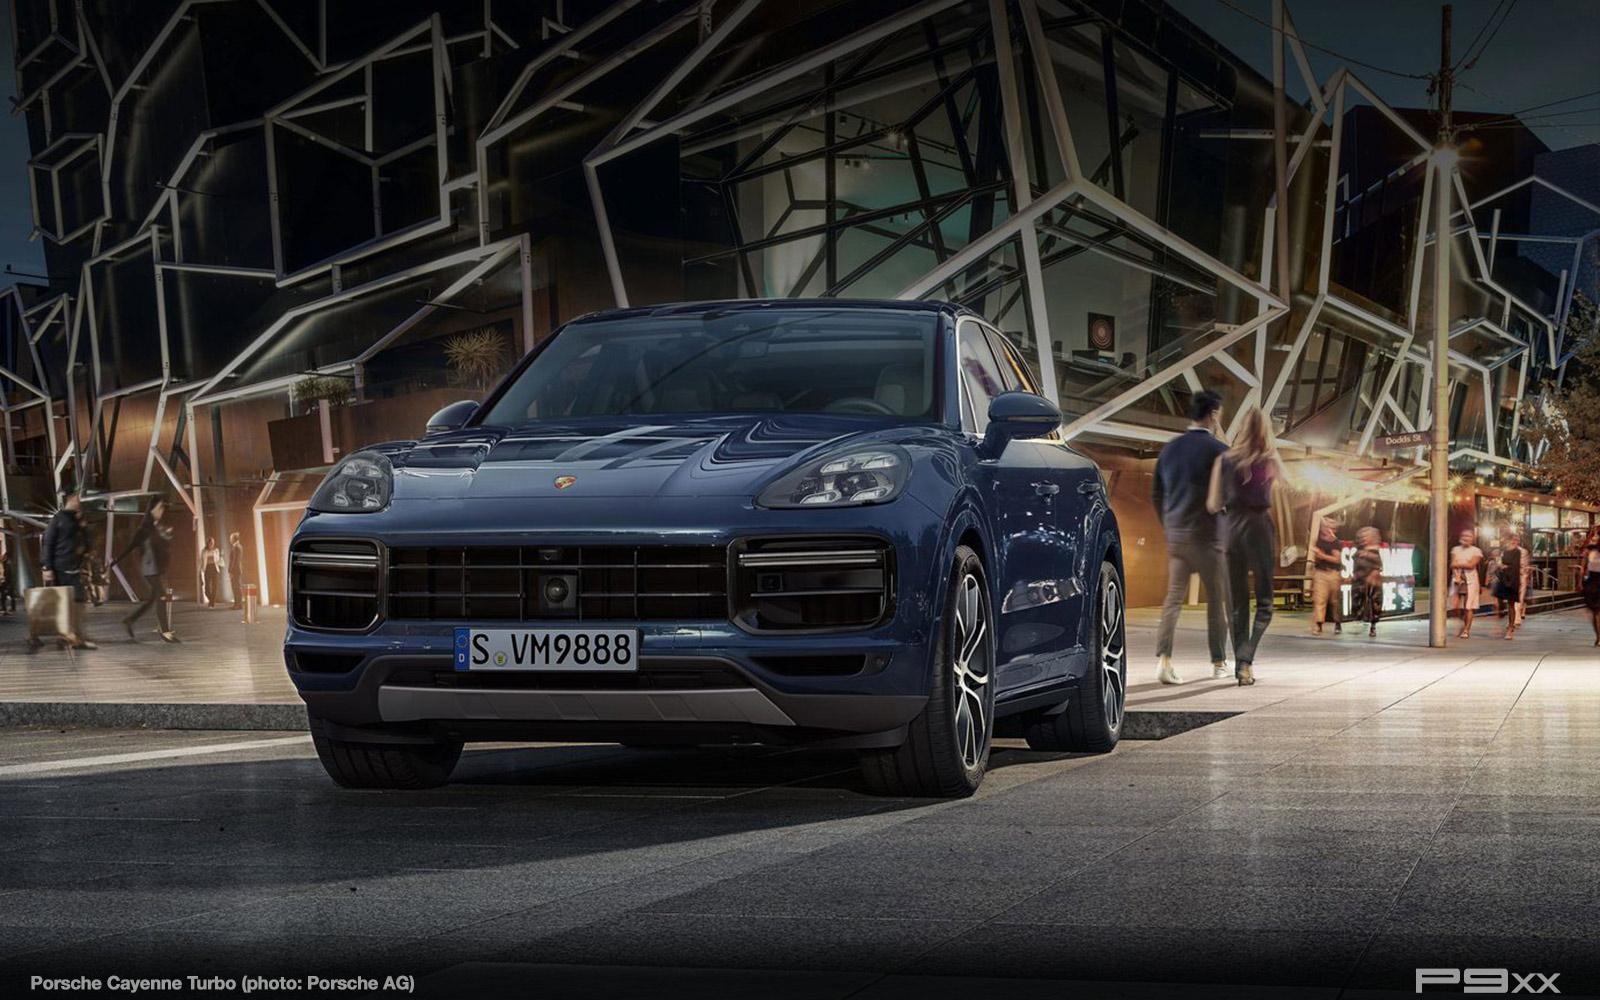 In Detail New Porsche Cayenne Turbo P9xx